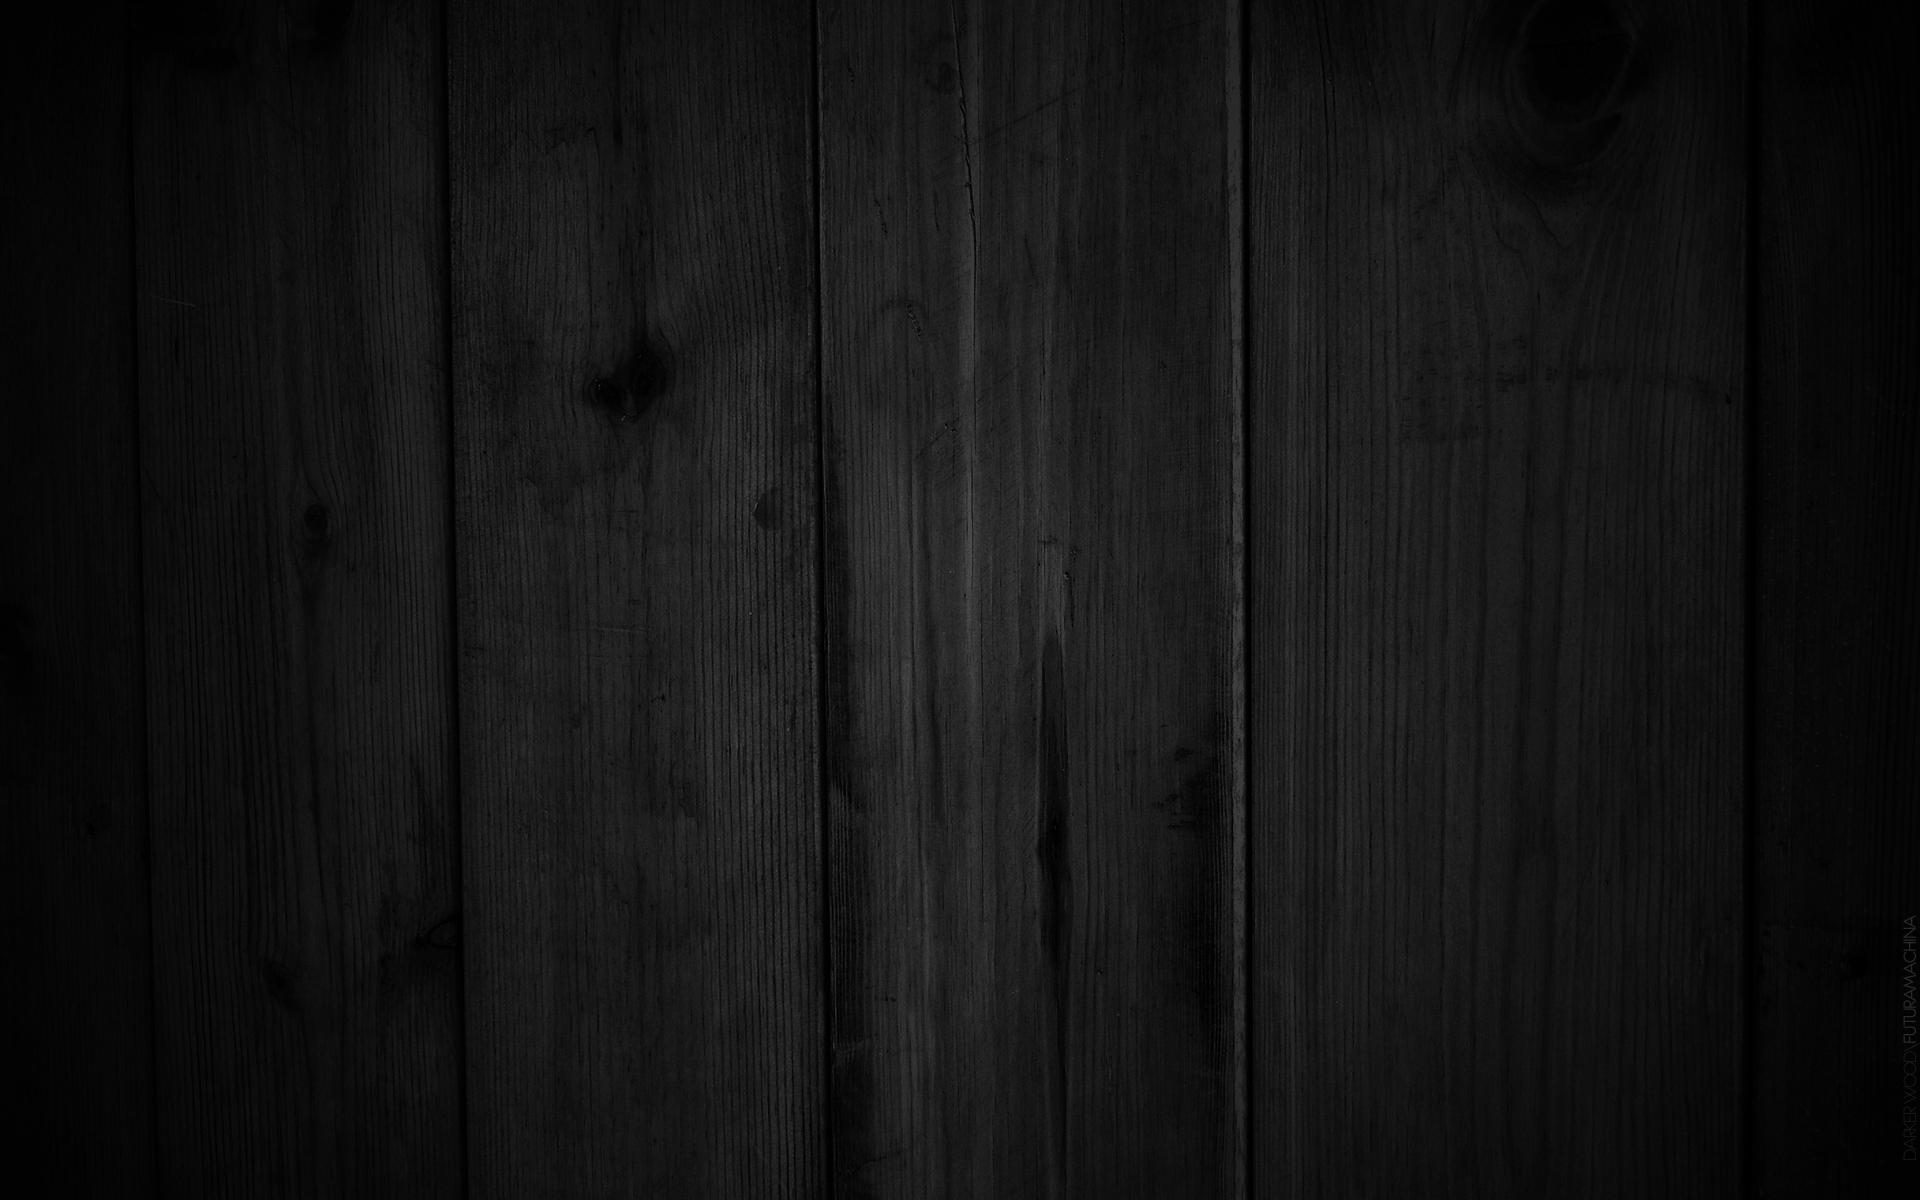 Dark Background Pictures